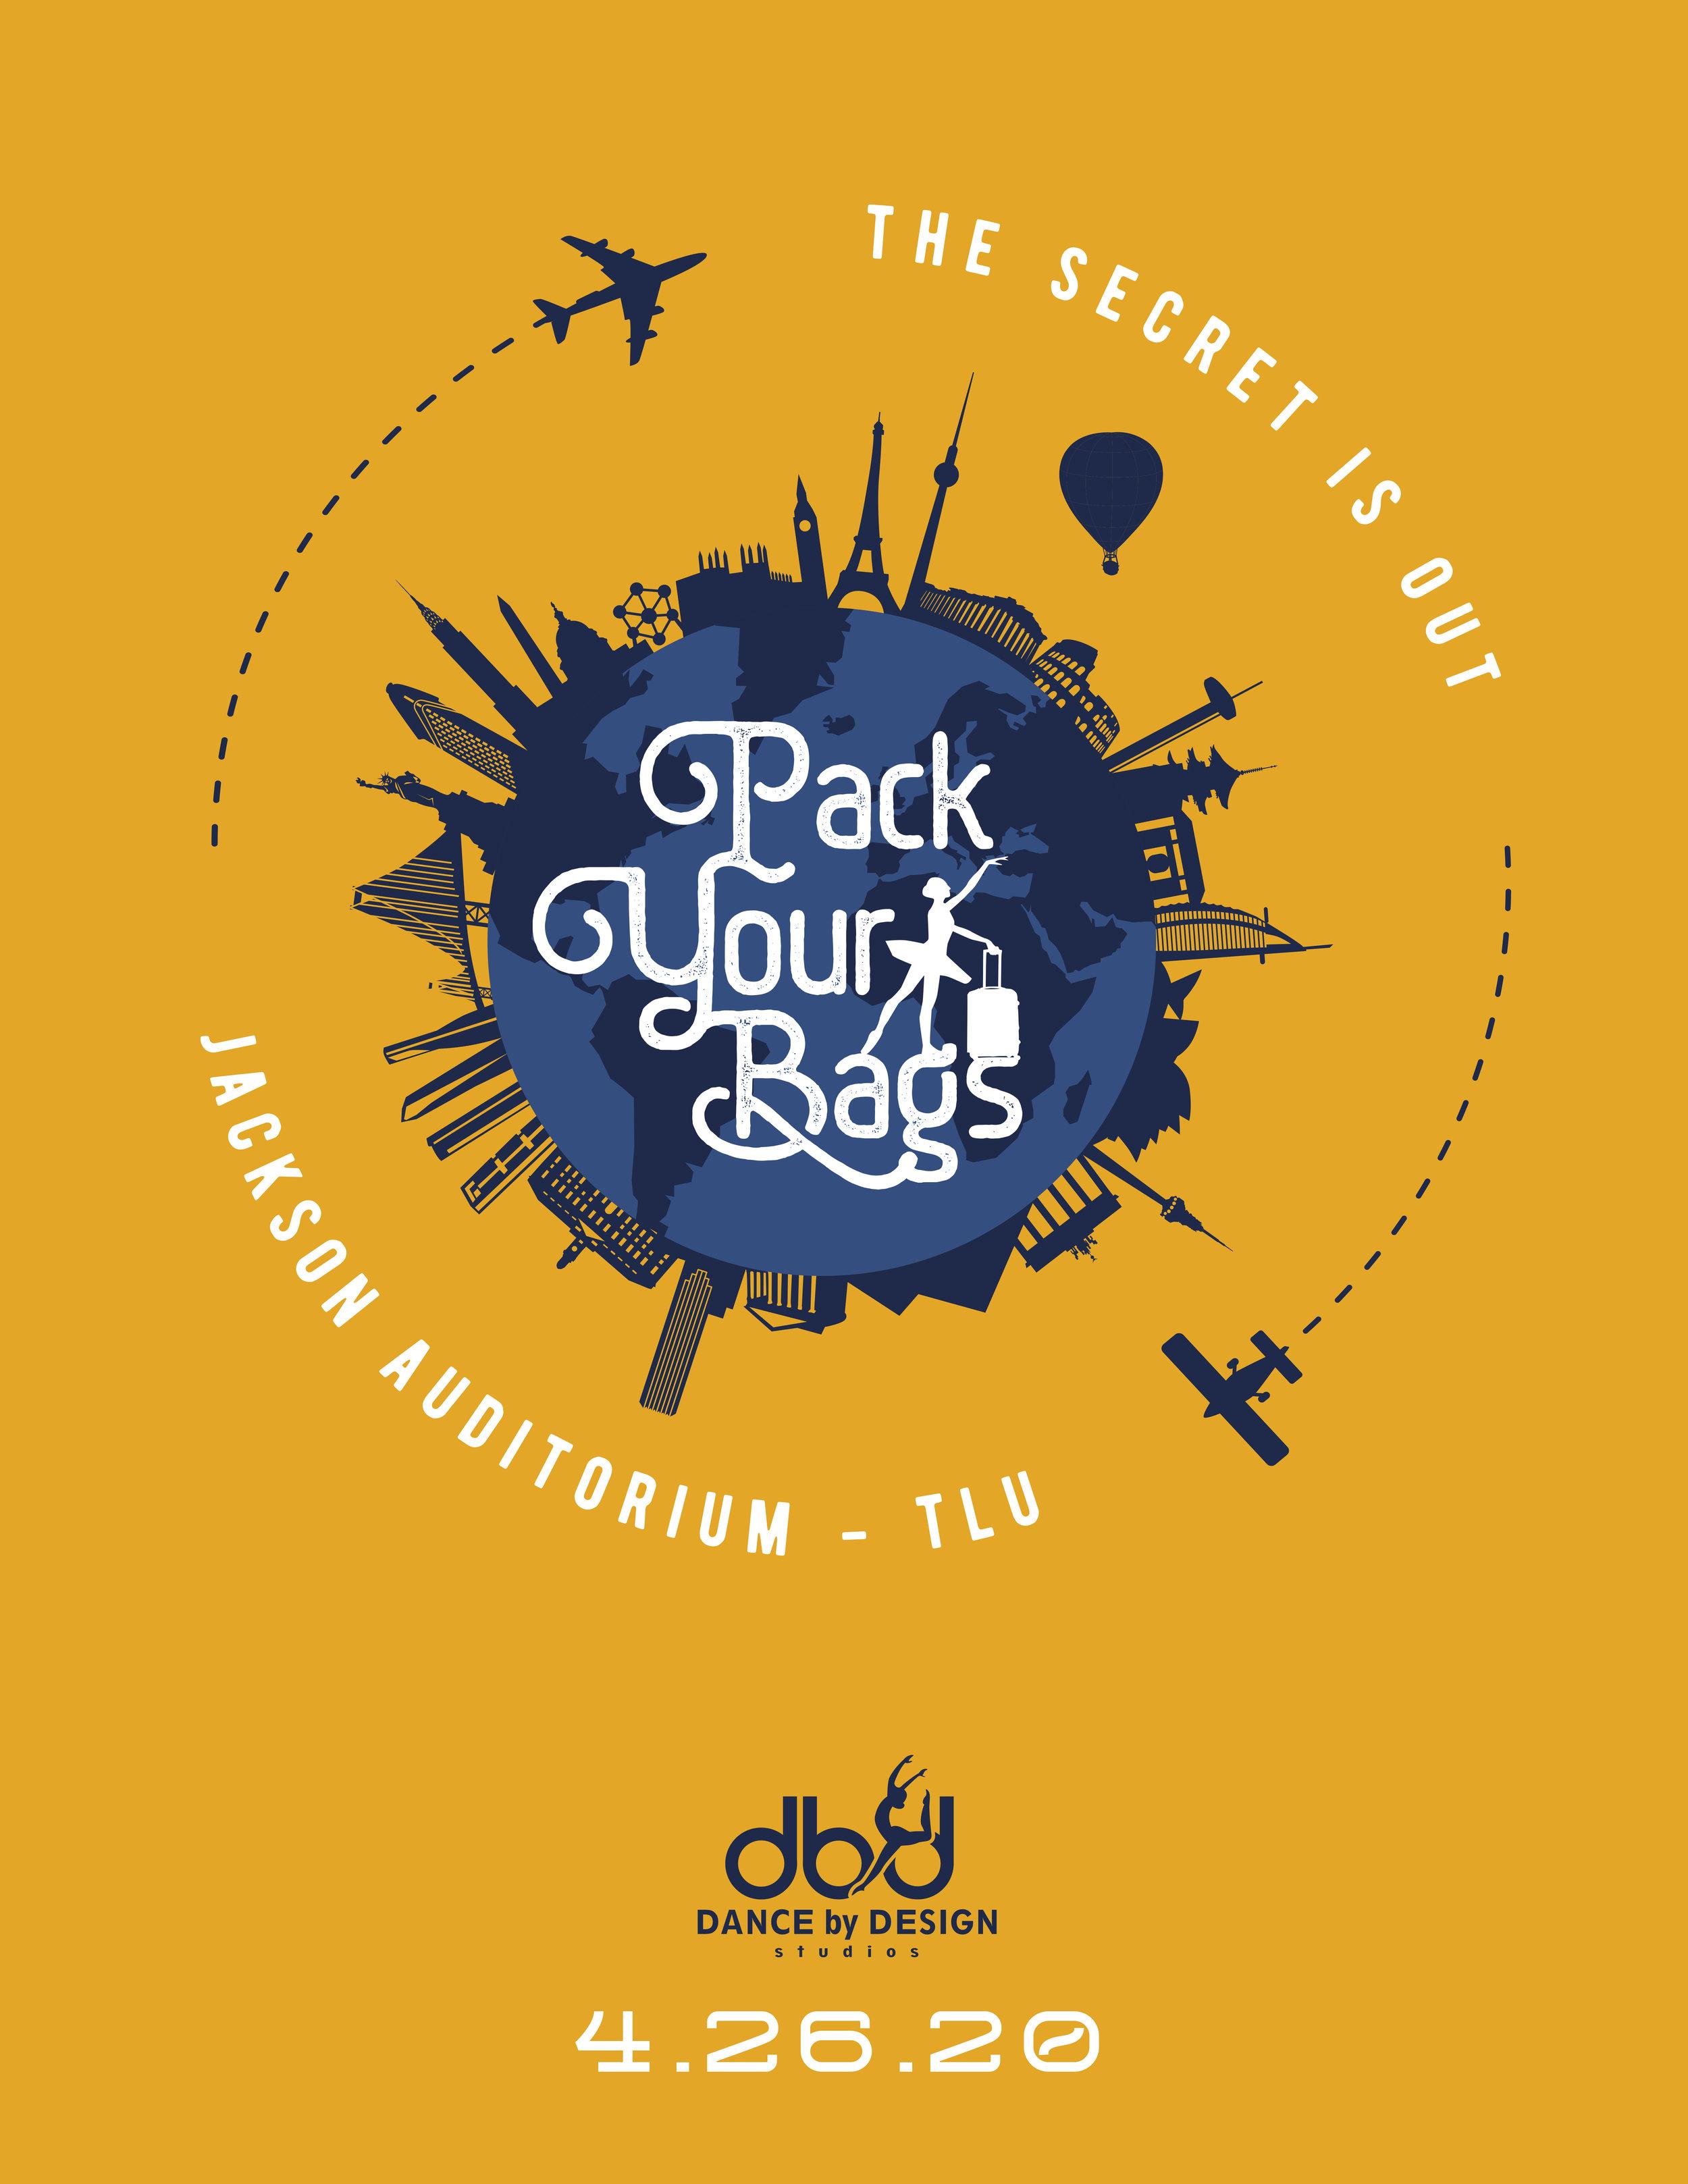 DBD-BCK-COVER-CO.jpg